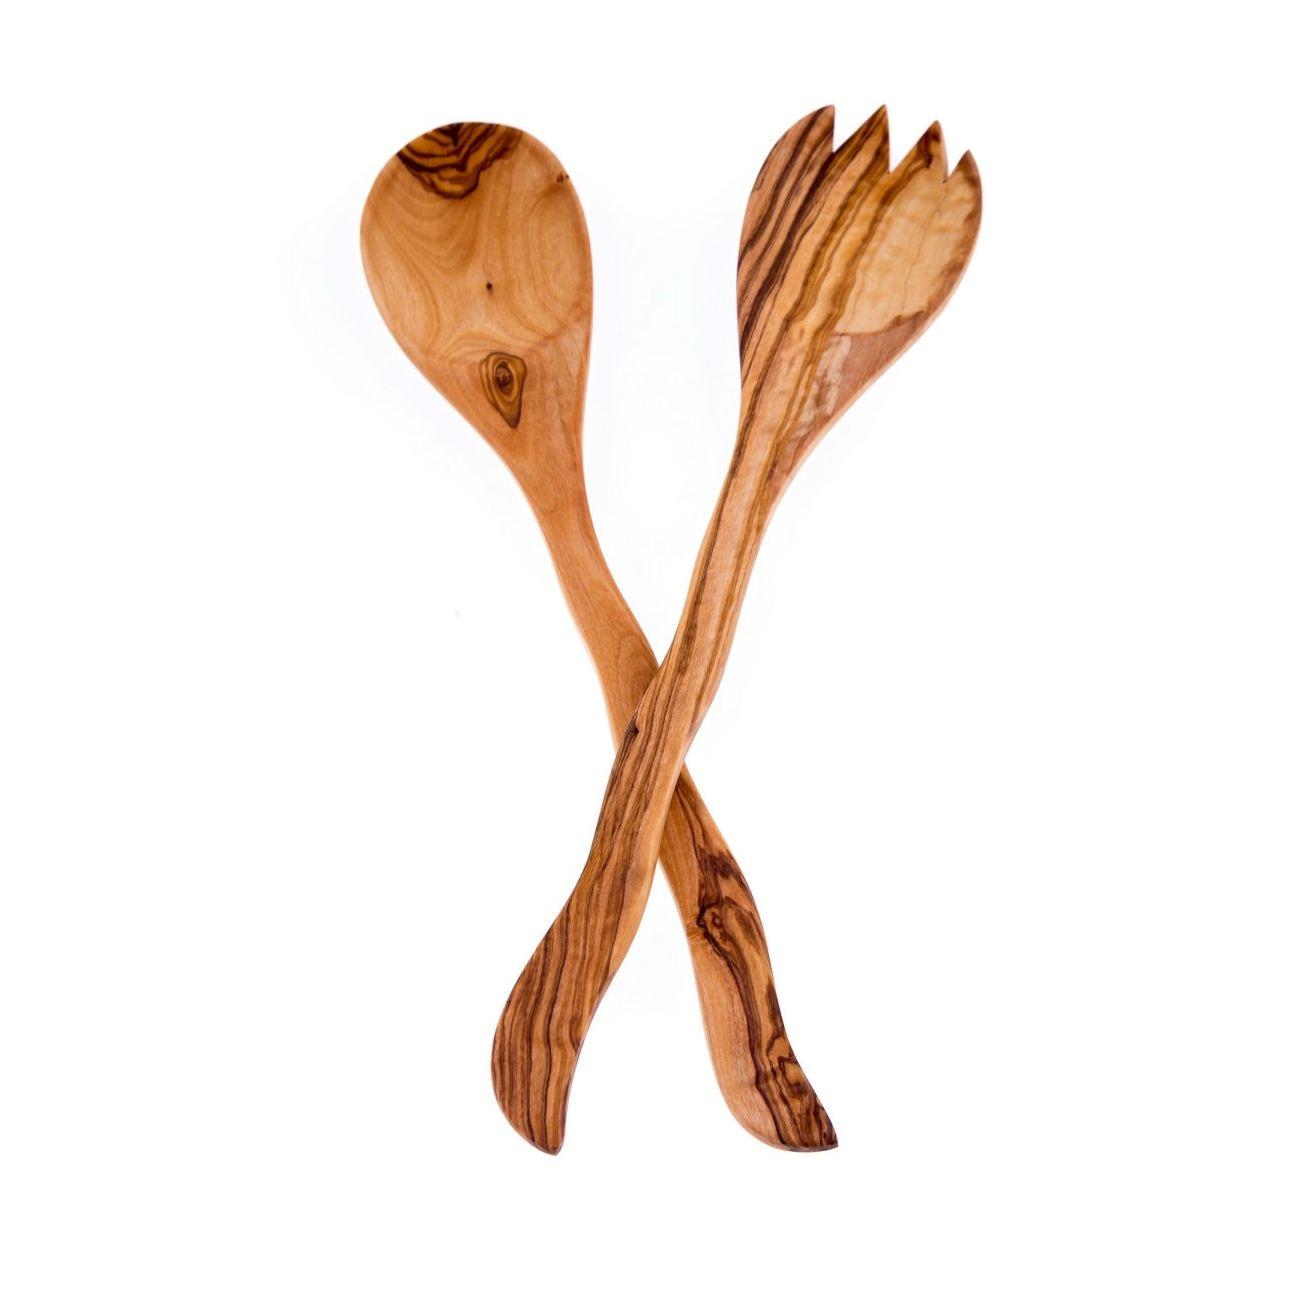 Merveilleux Olive Wood Kitchen Utensils Set Of 2   Handmade Cooking Or Serving Wooden  Fork U0026 Spoon Set ...